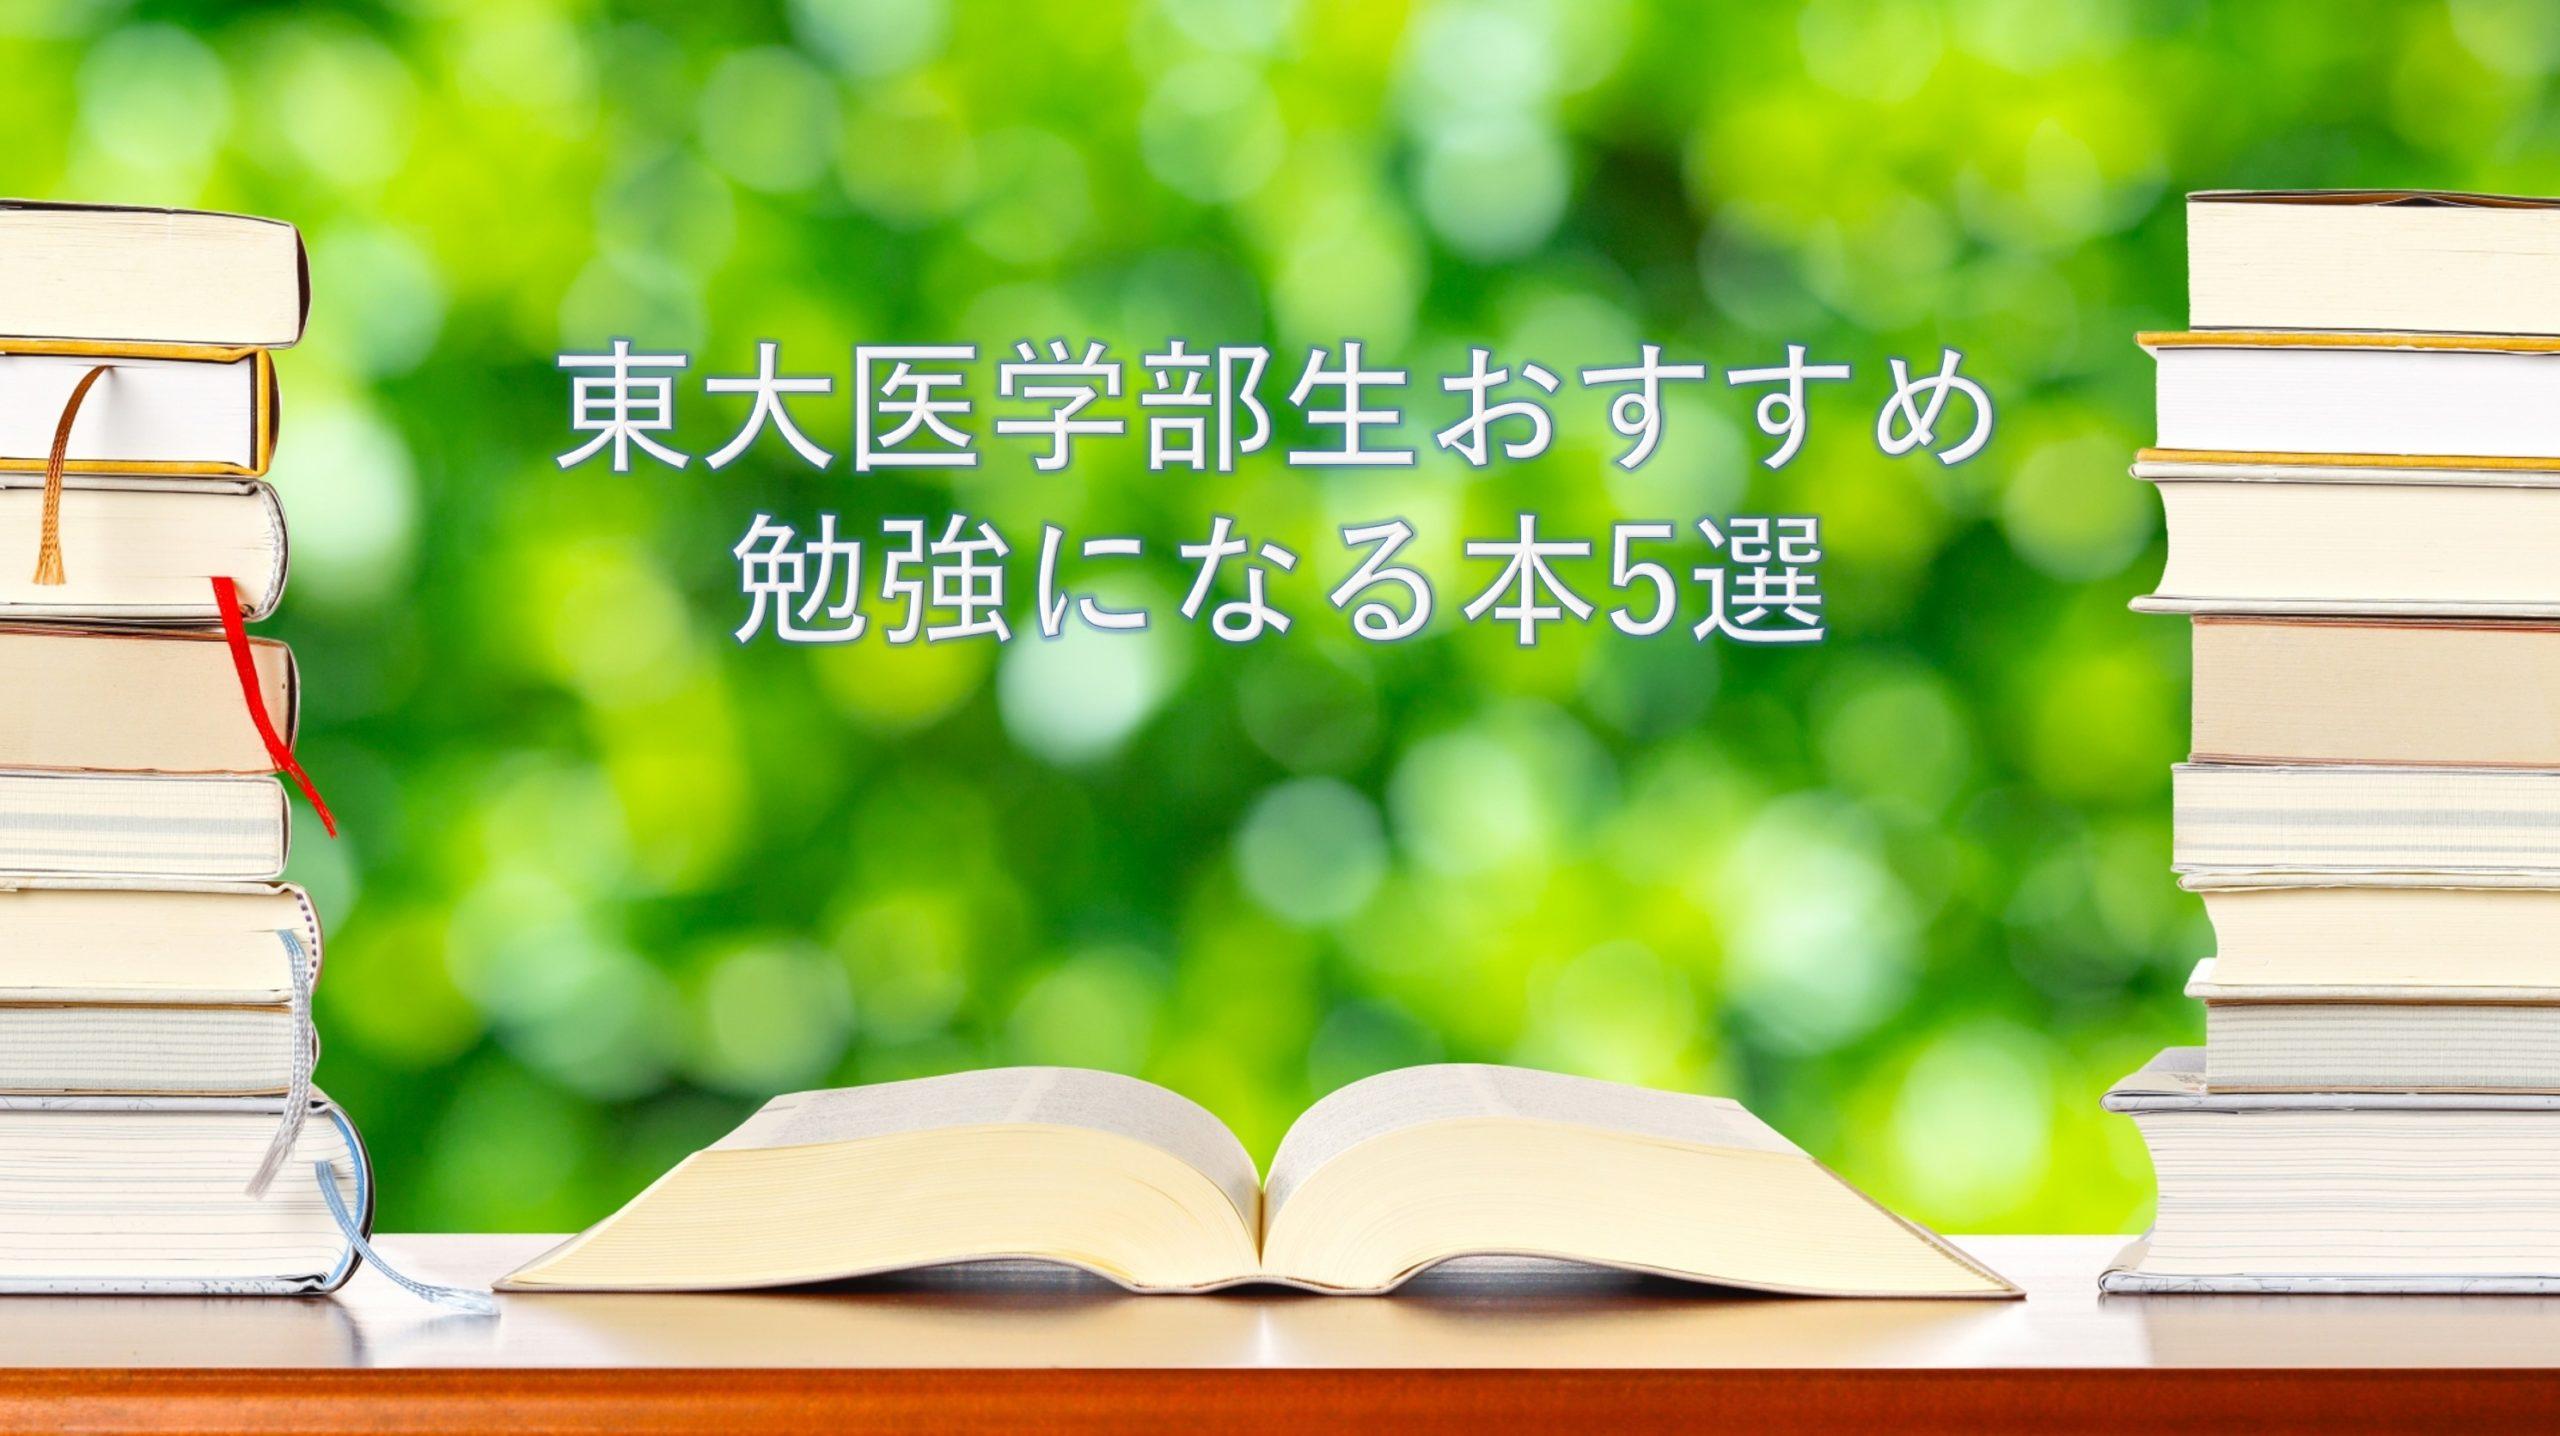 東大医学部生のおすすめする本